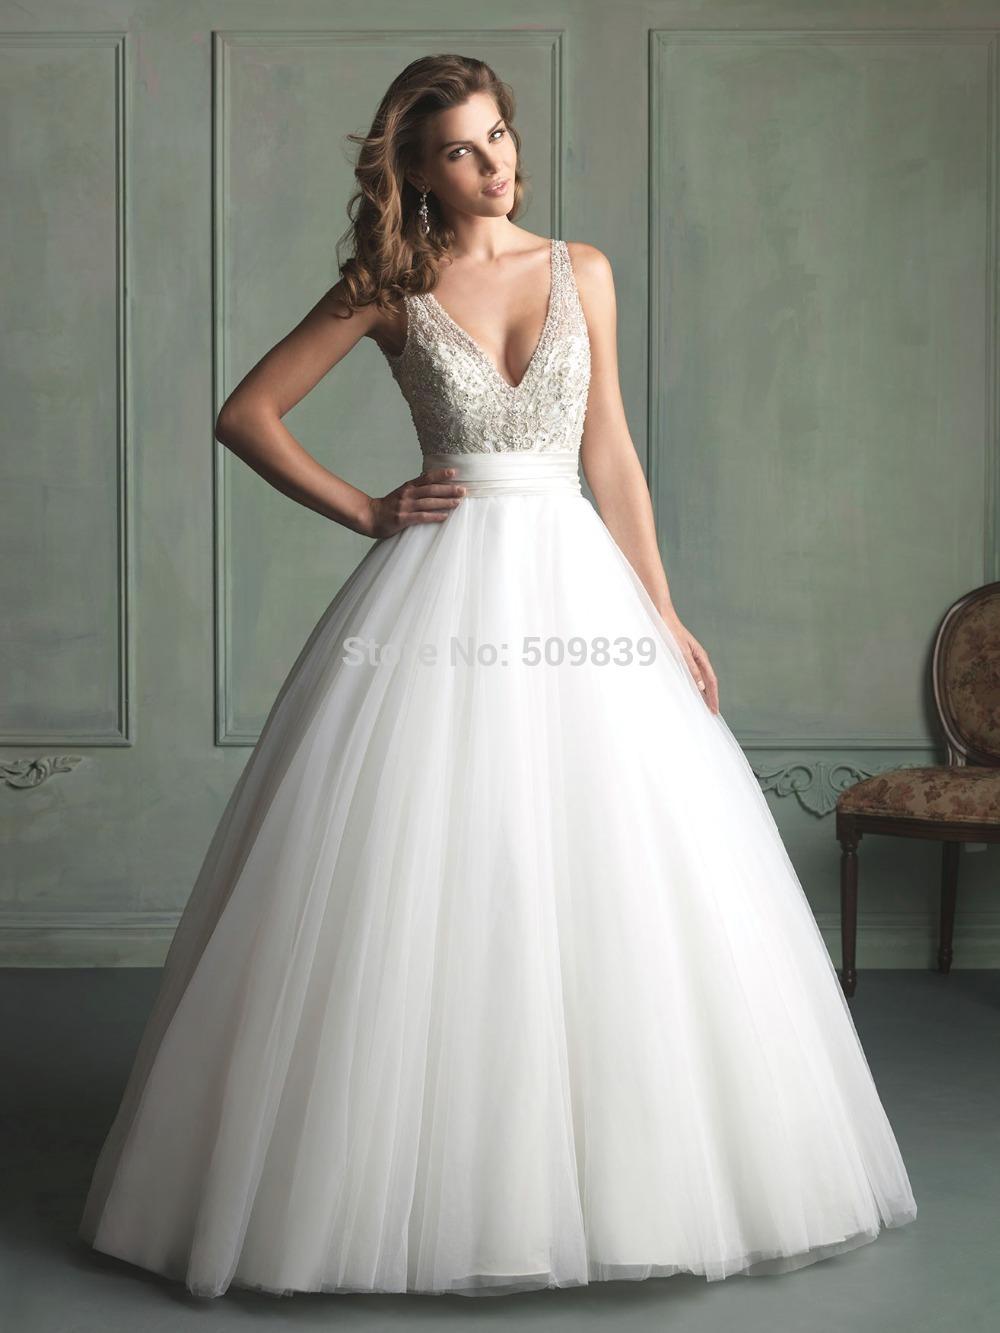 Brautkleid Vermietung | Fotos